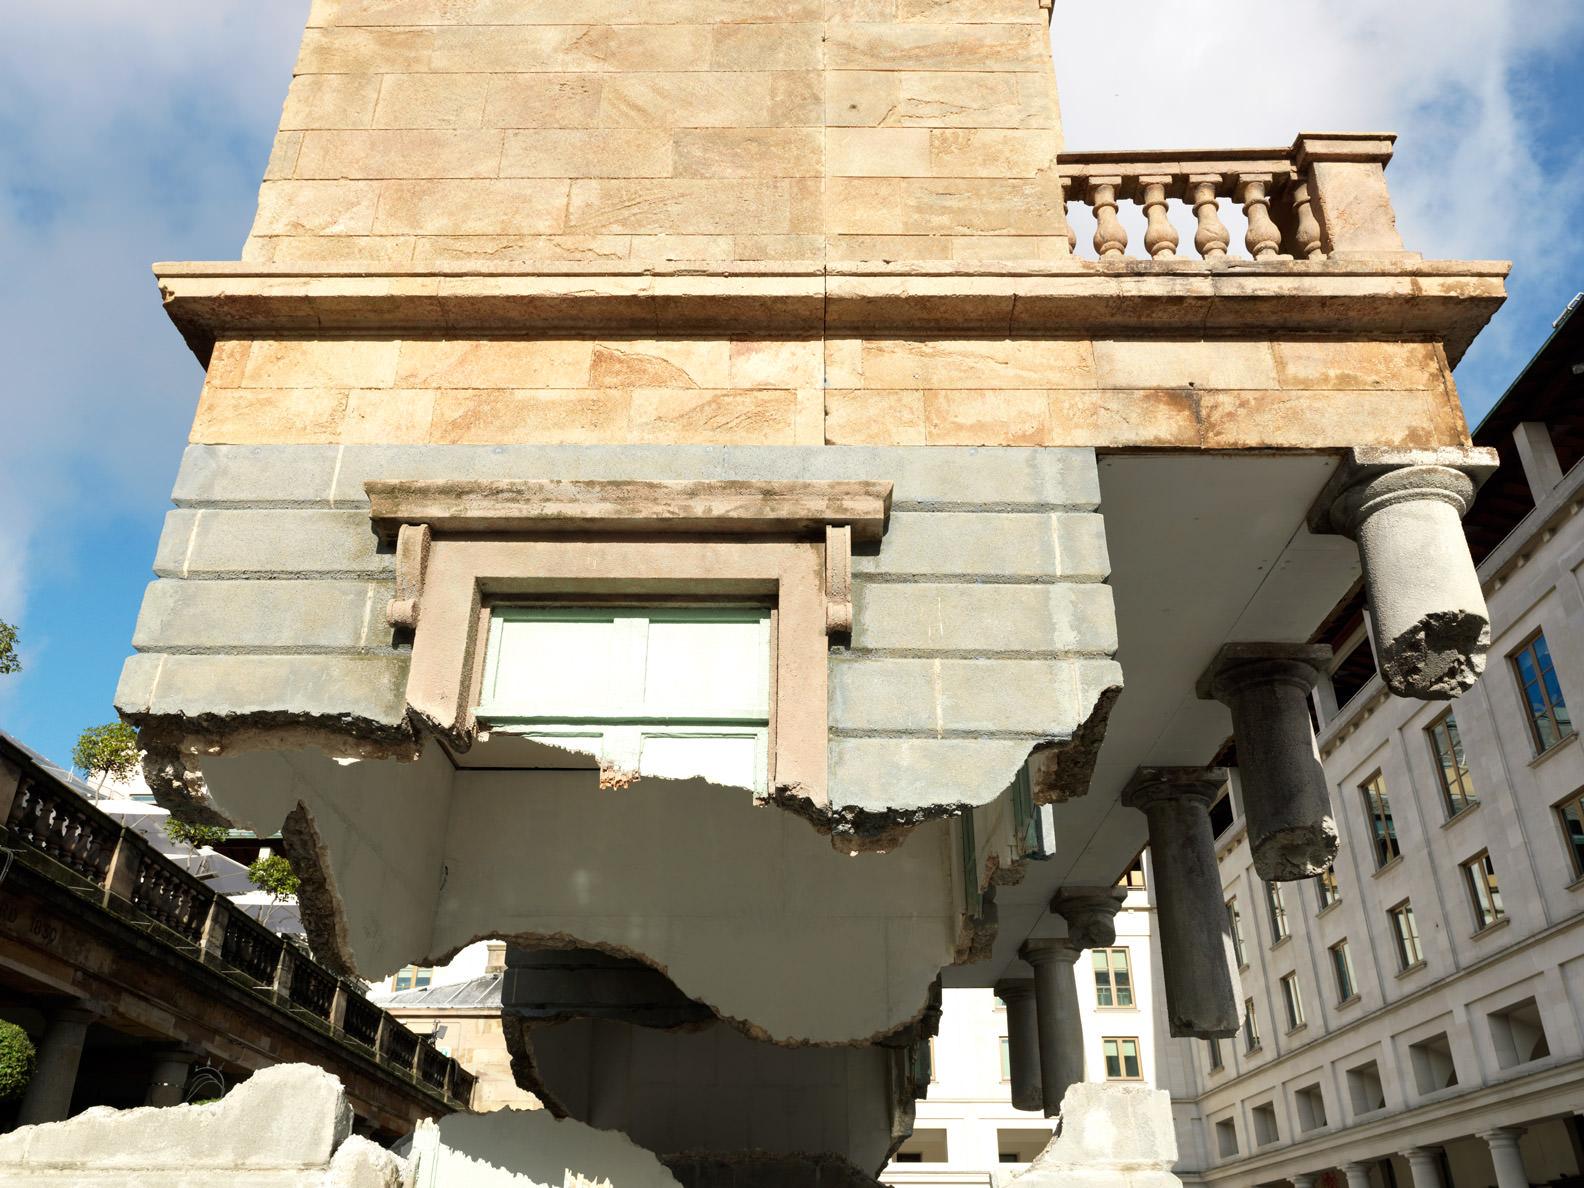 installationstreetartarturbainLondresalexchinneckCoventGarden - L'illusionniste Alex Chinneck retourne les rues de Londres d'un coup de baguette